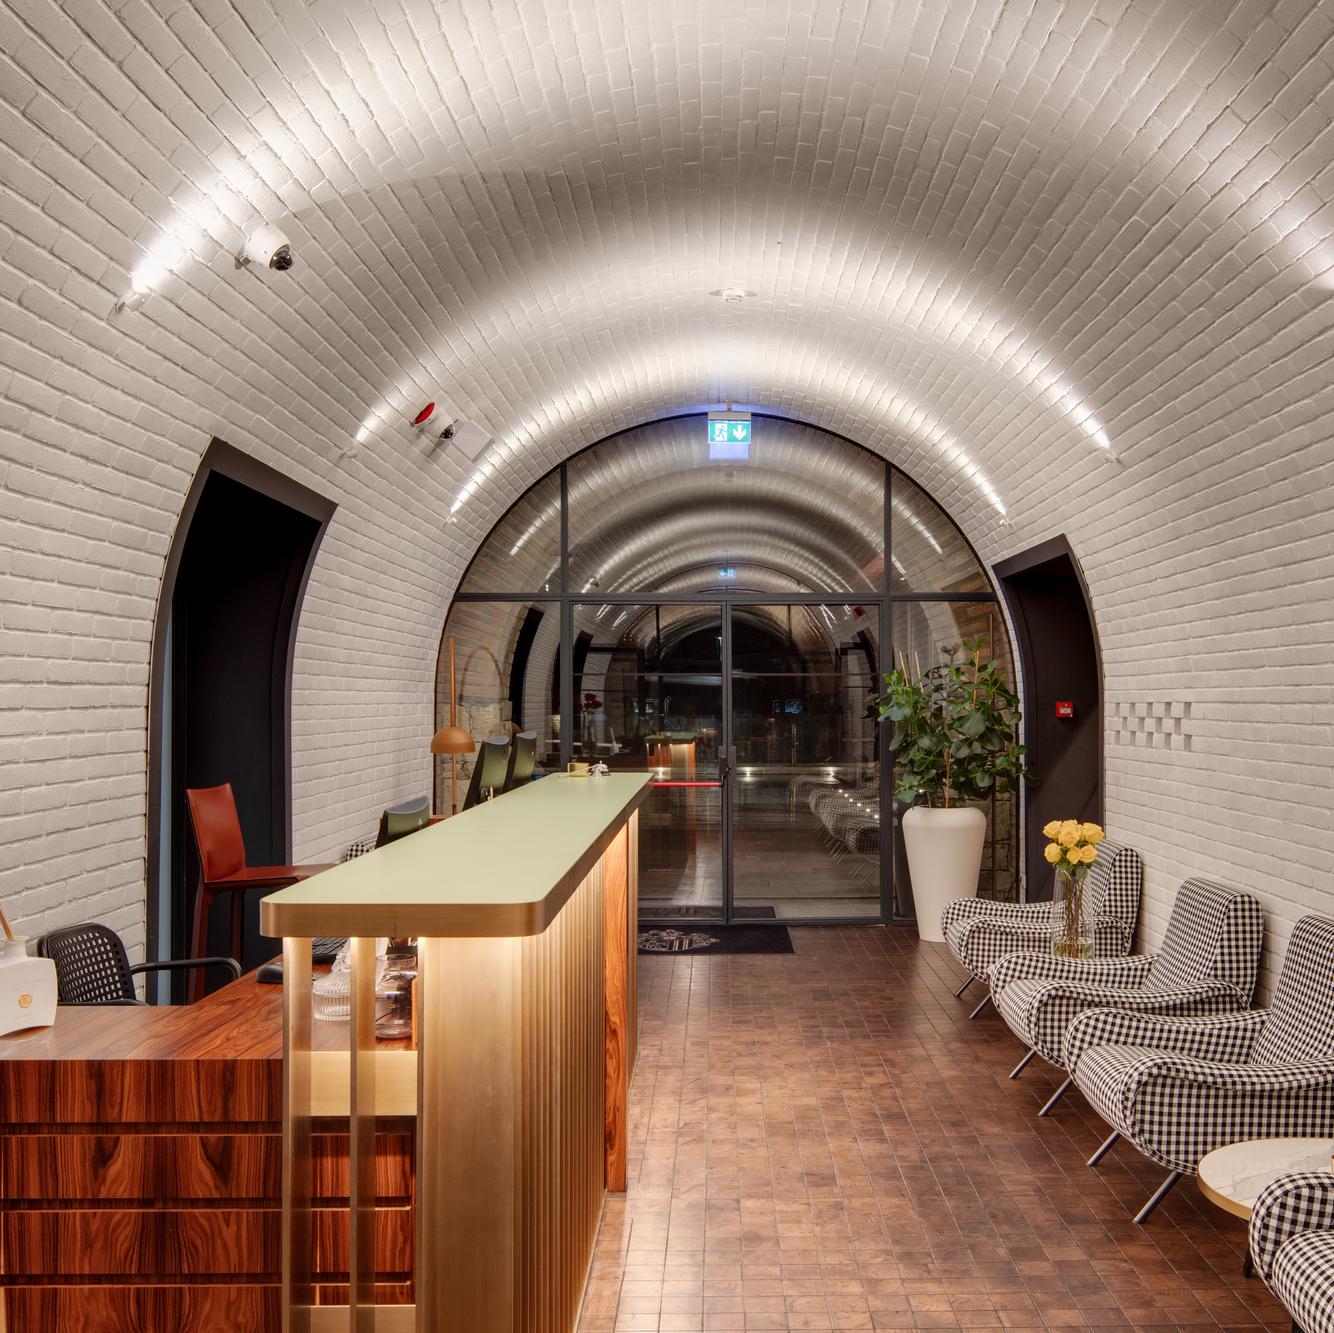 Zumtobel ROXANICH BOUTIQUE HOTEL